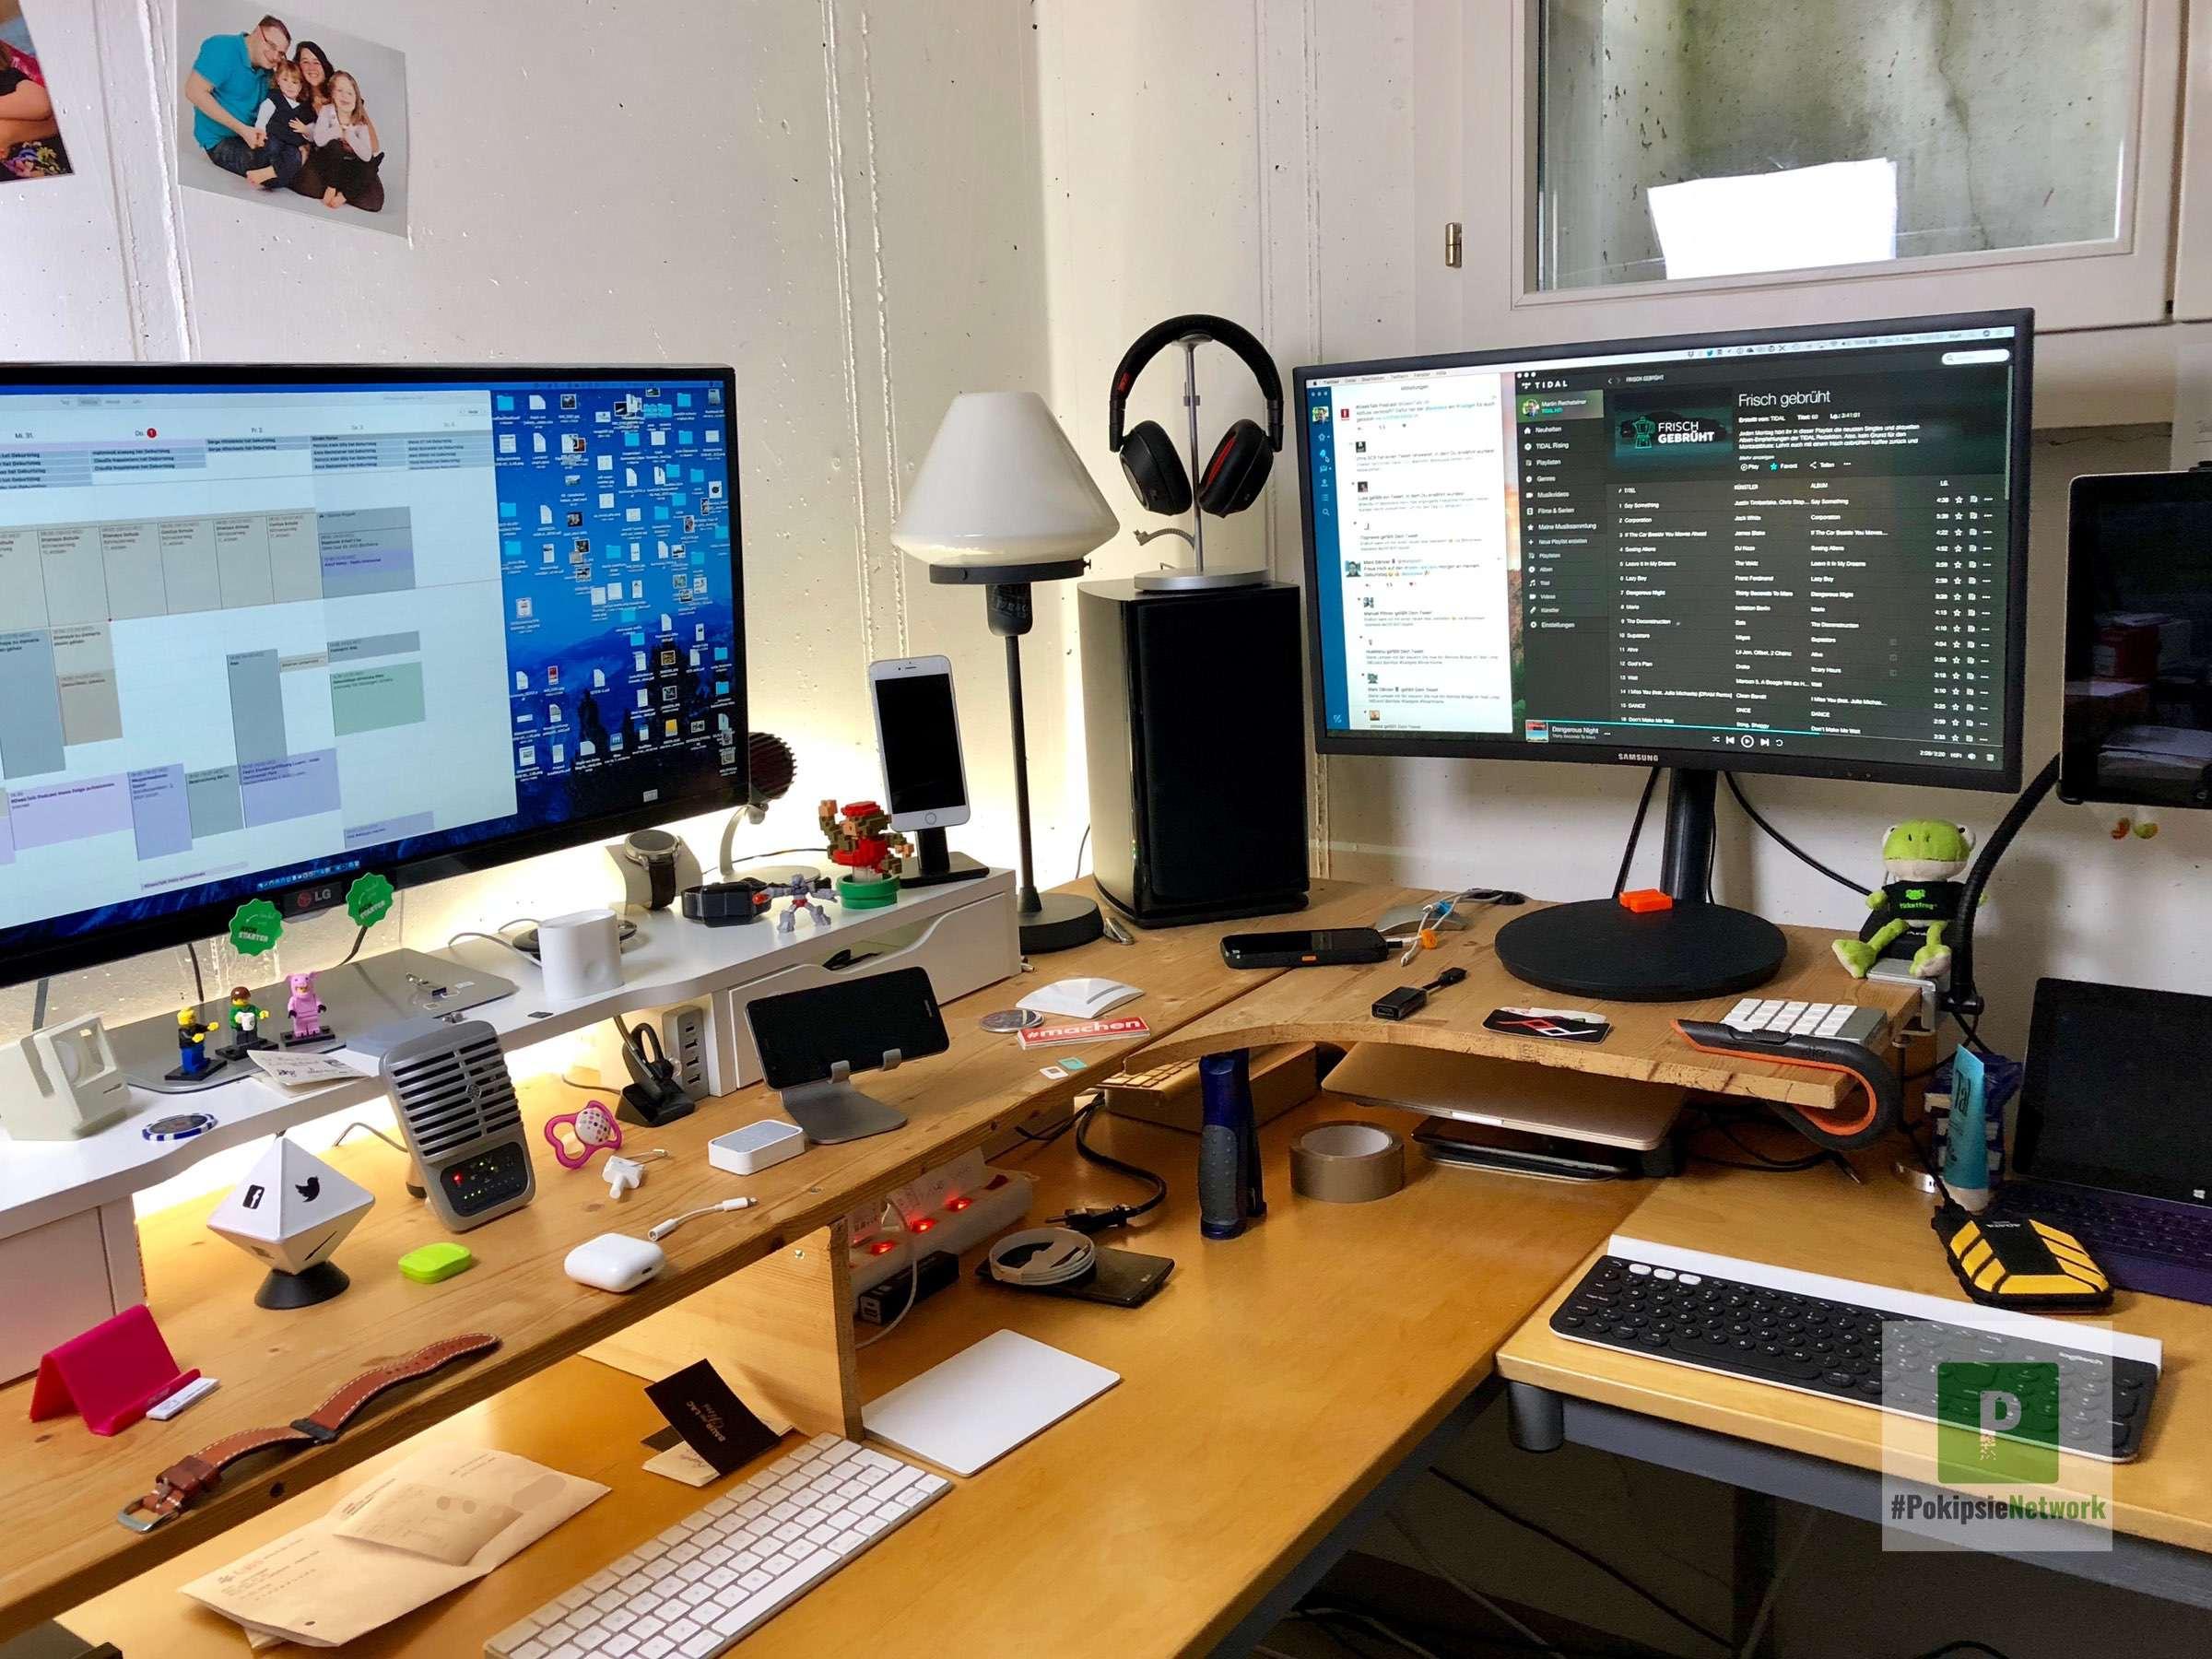 Ein teil meines Blogging-Setups